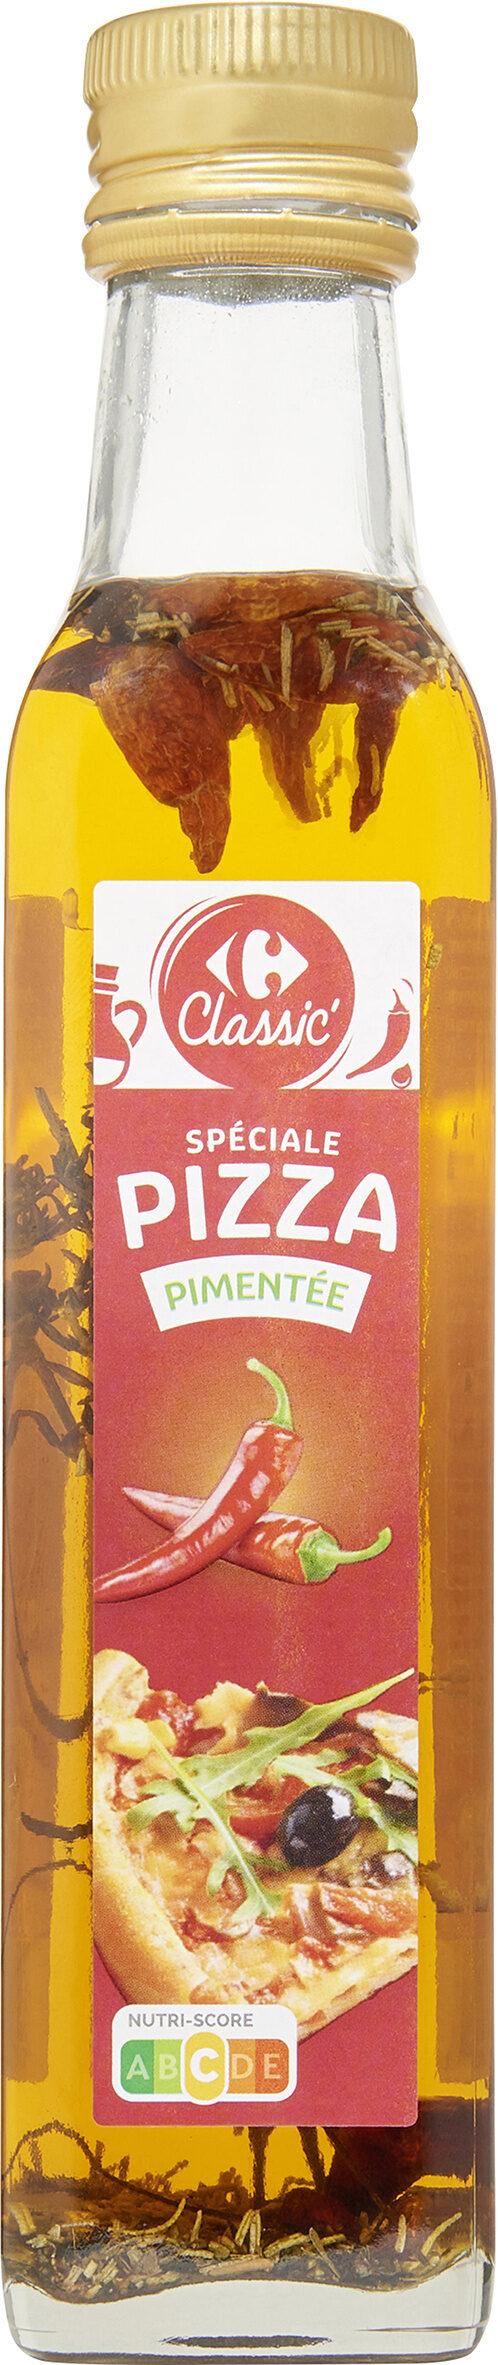 Spéciale pizza - Product - fr